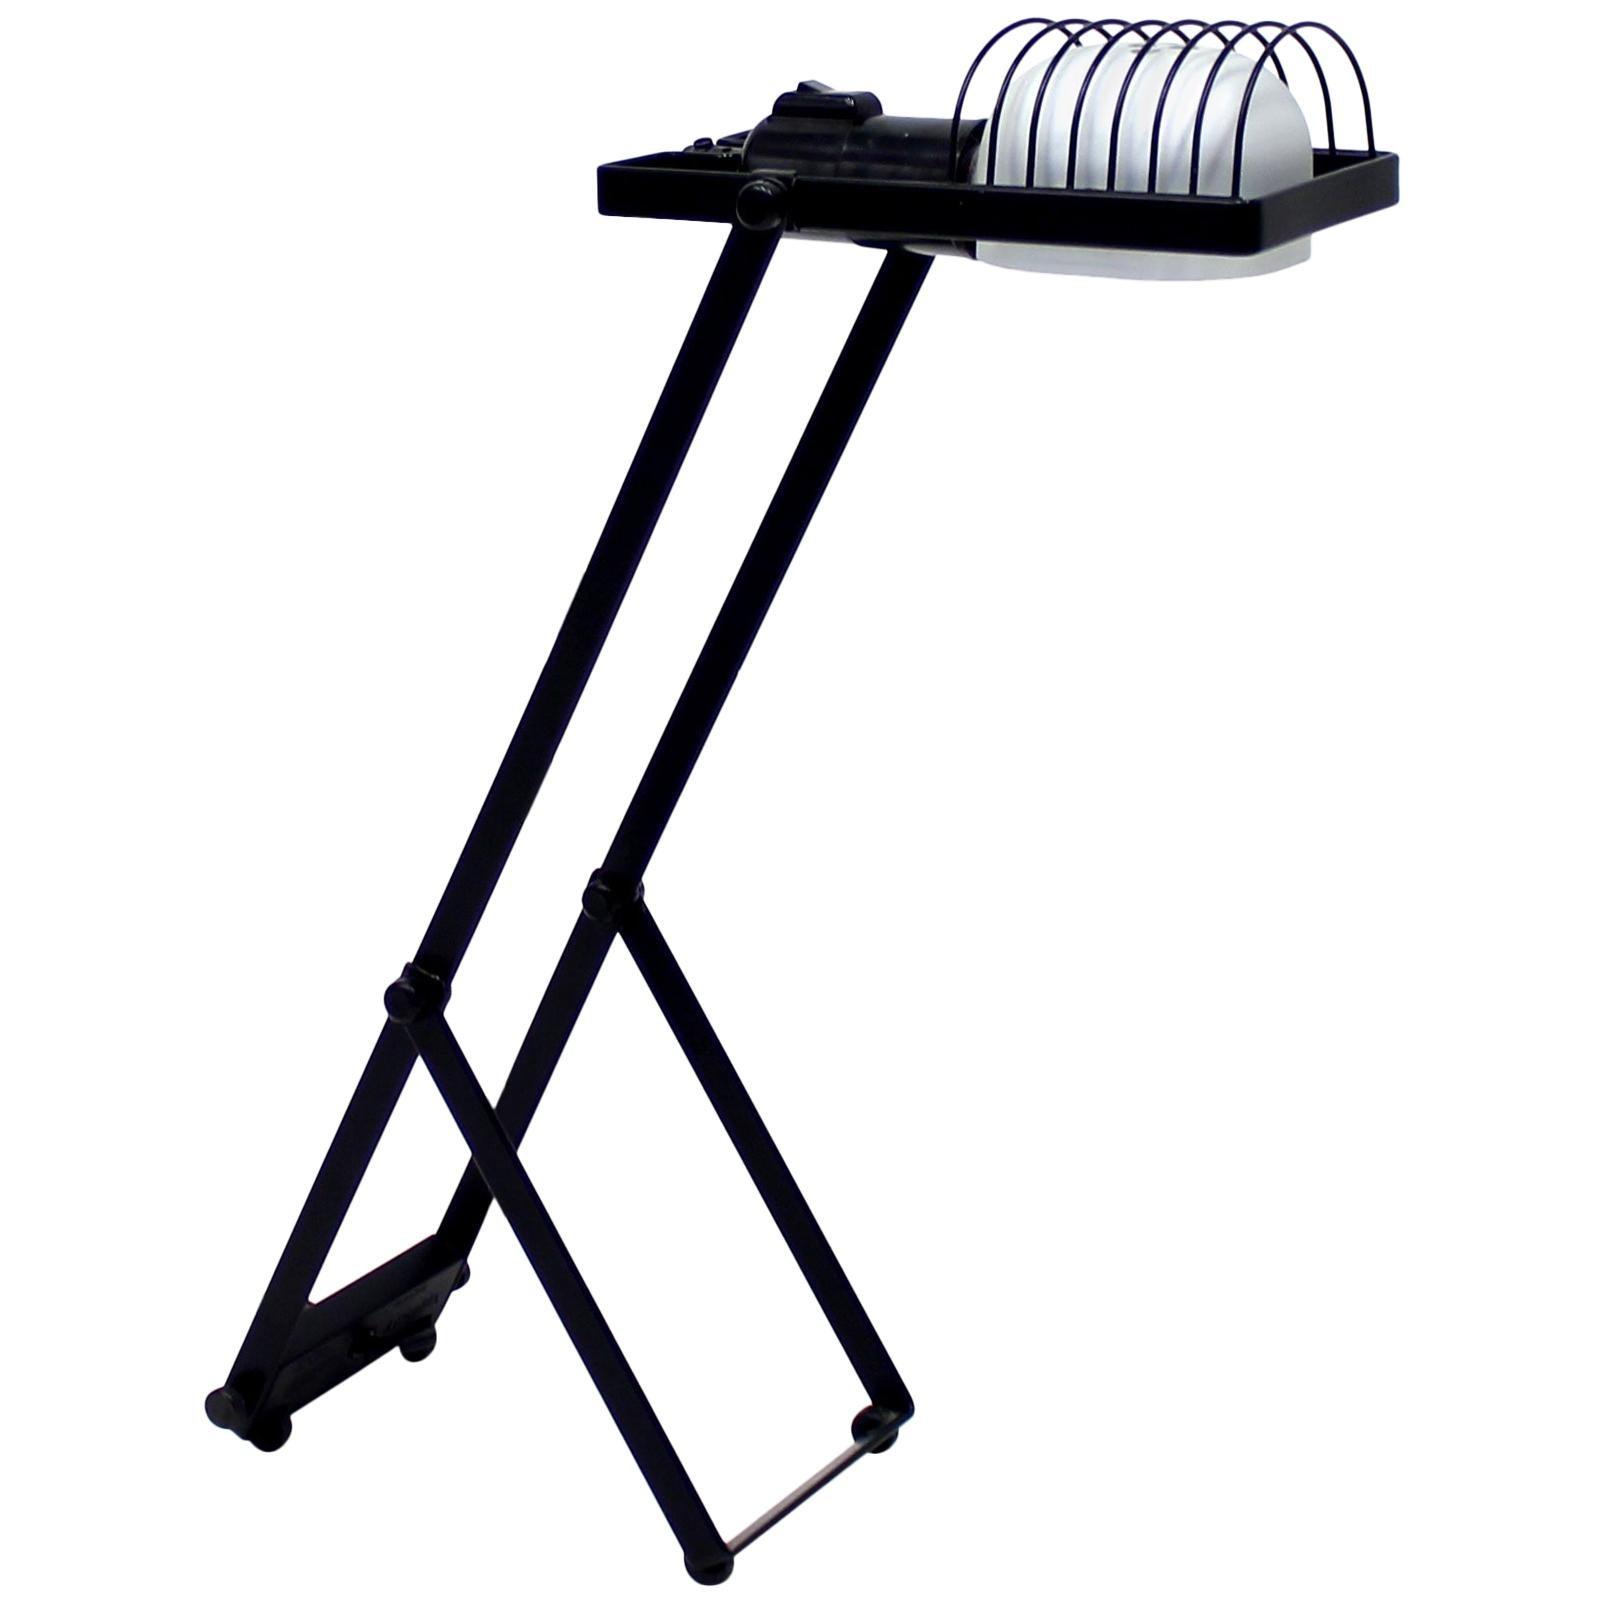 Sintesi Table Lamp by Ernseto Gismondi for Artemide, 1970s